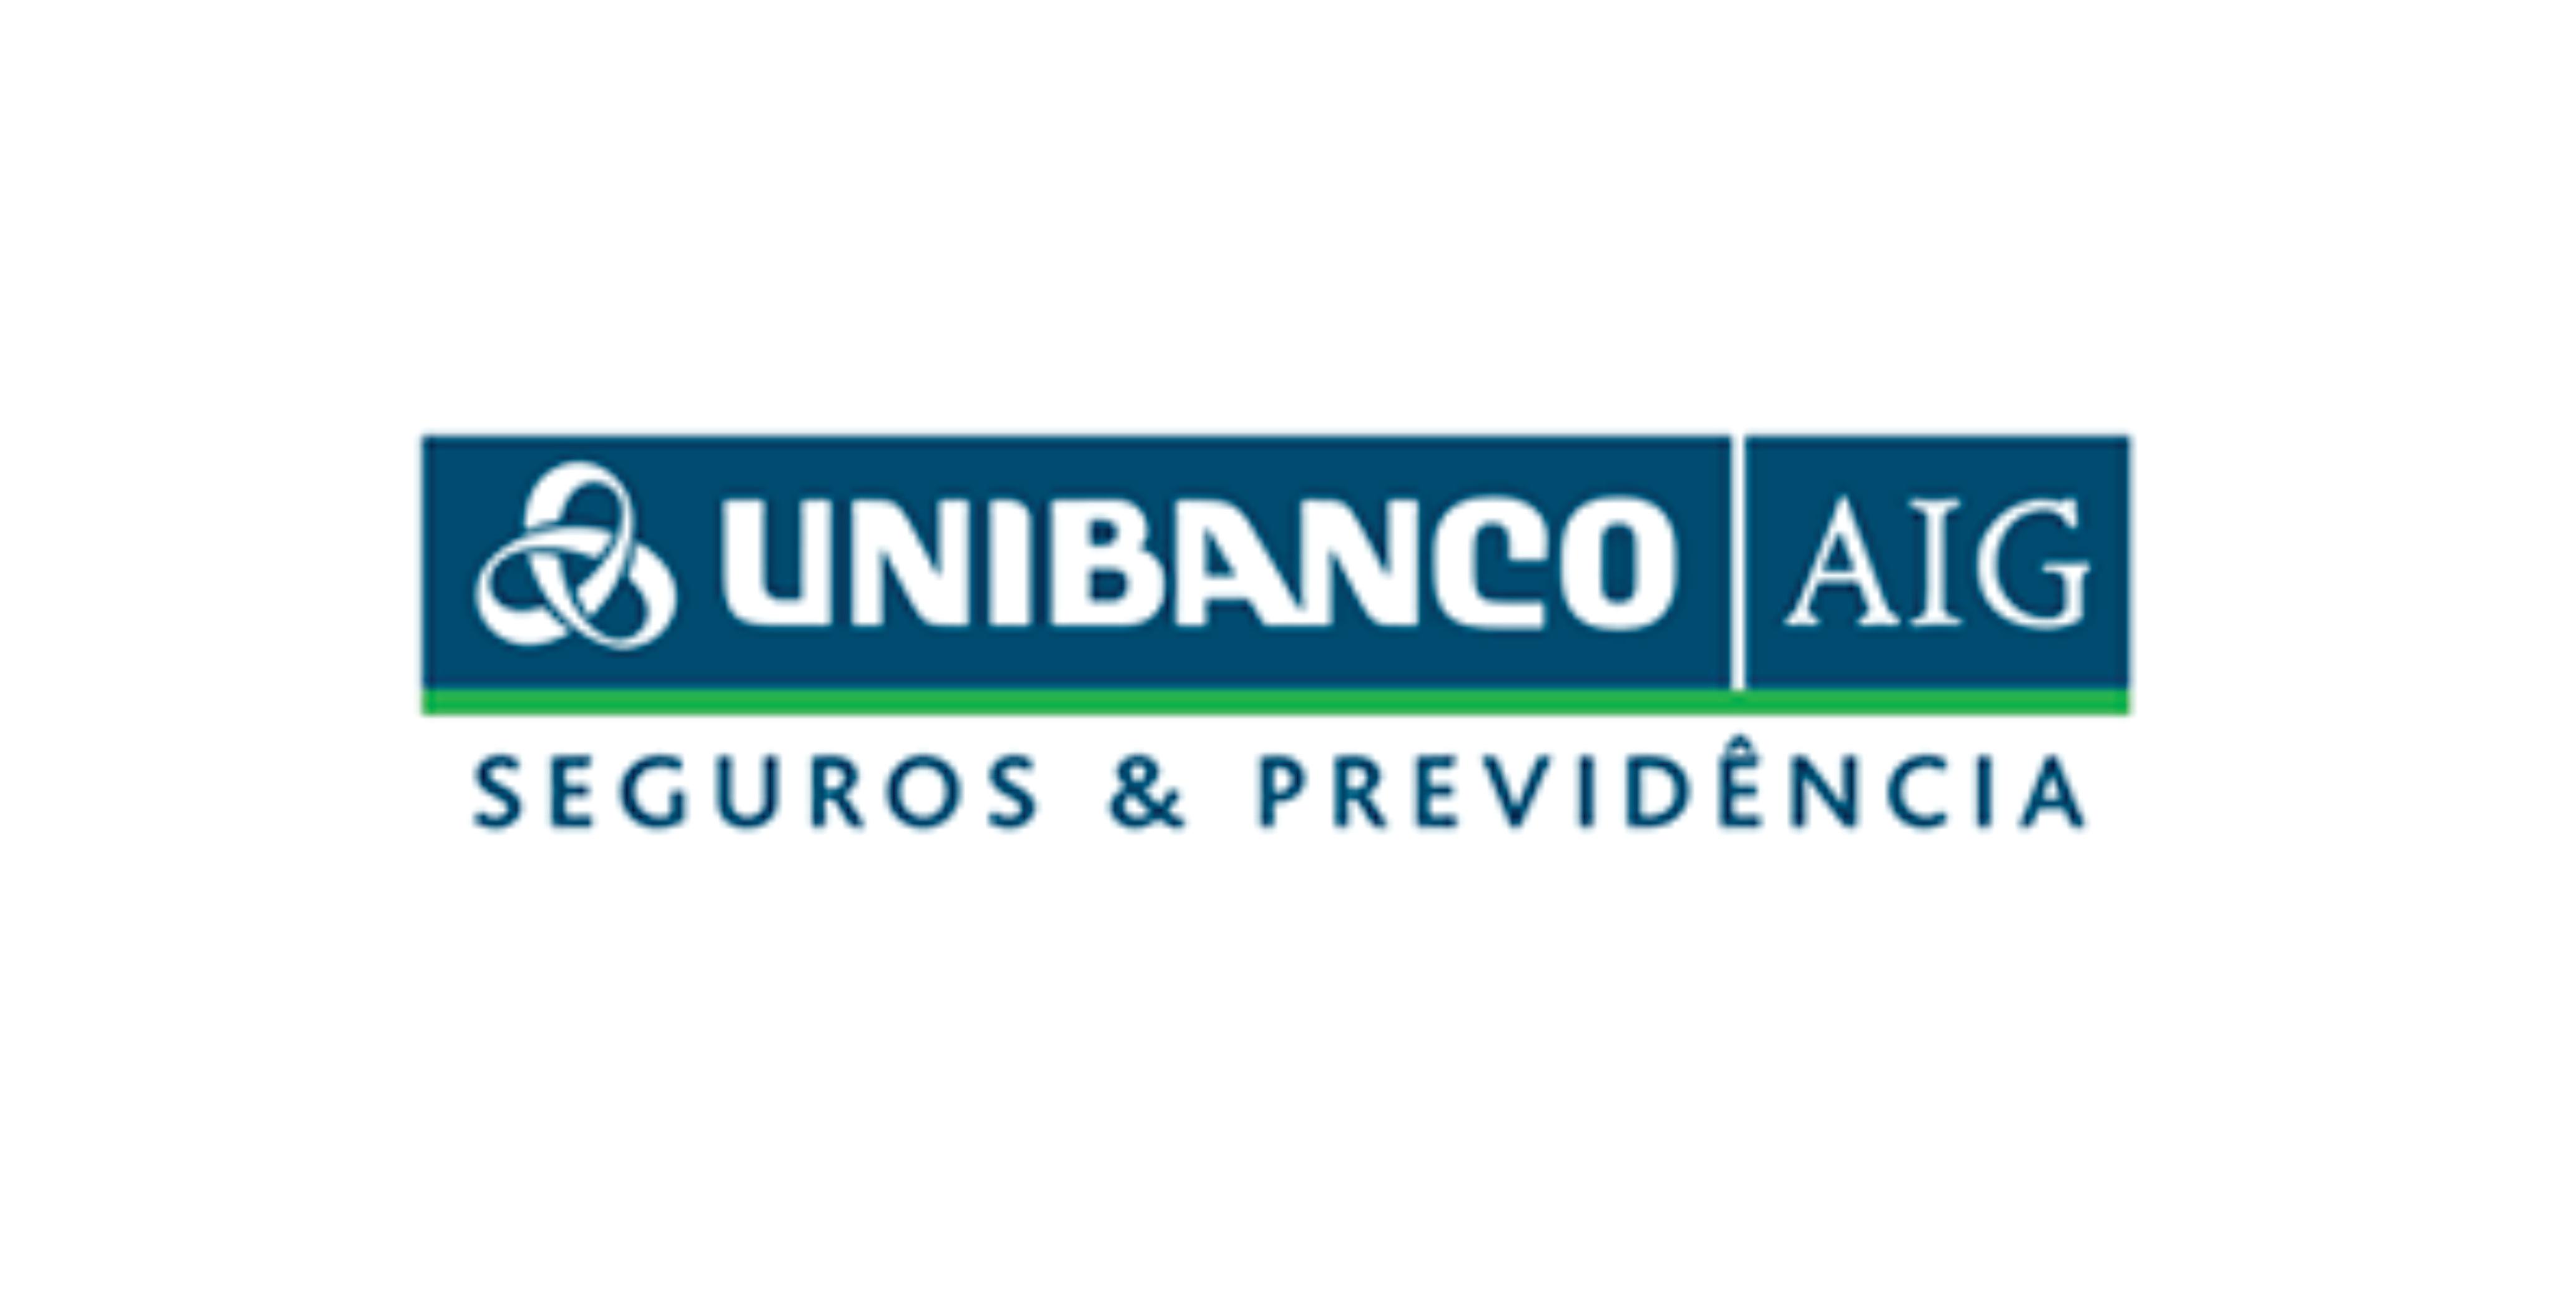 Unibanco AIG